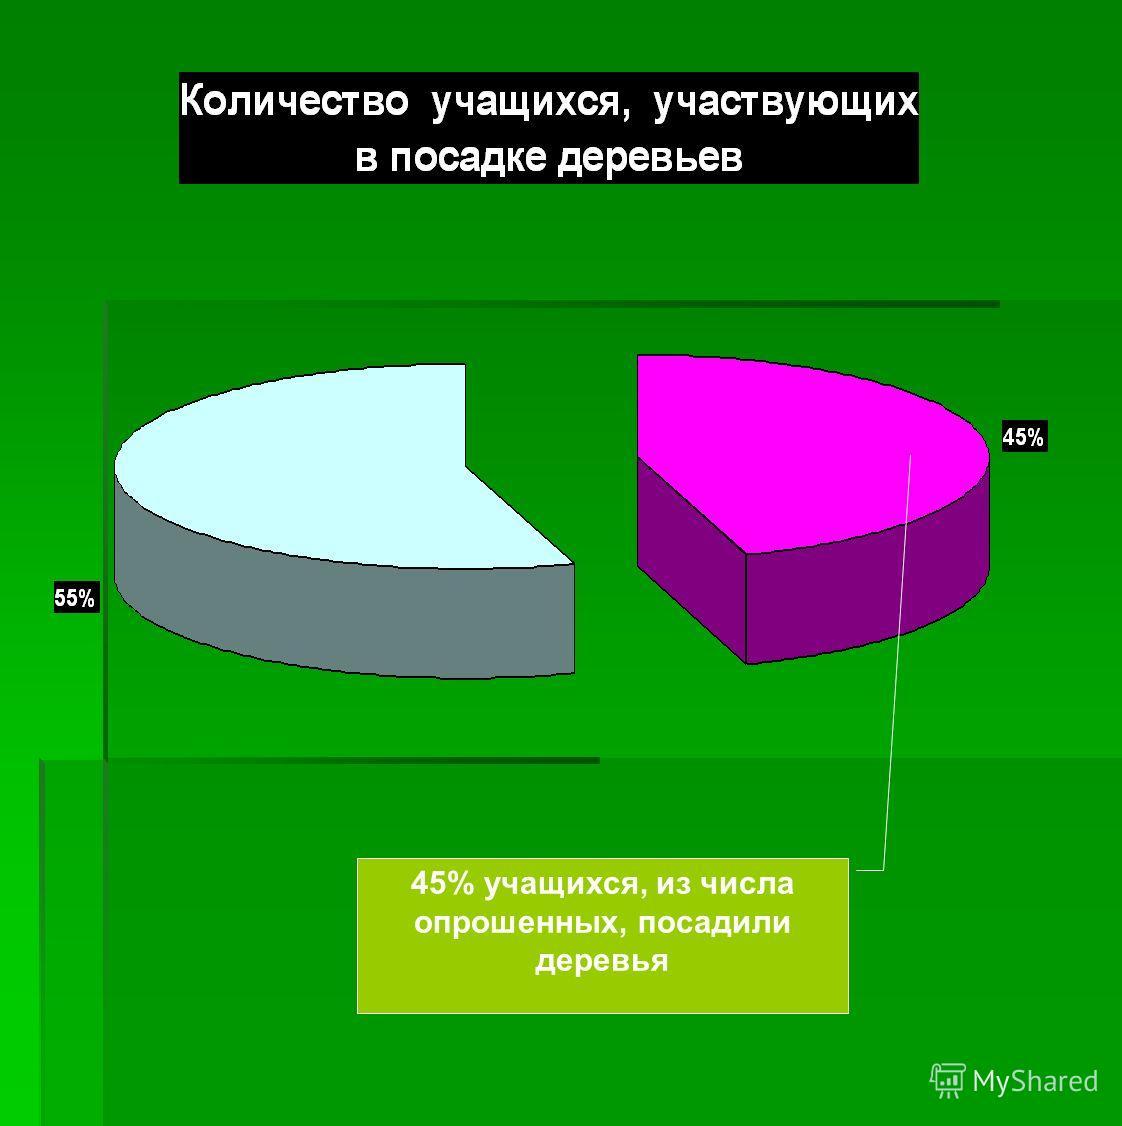 45% учащихся, из числа опрошенных, посадили деревья